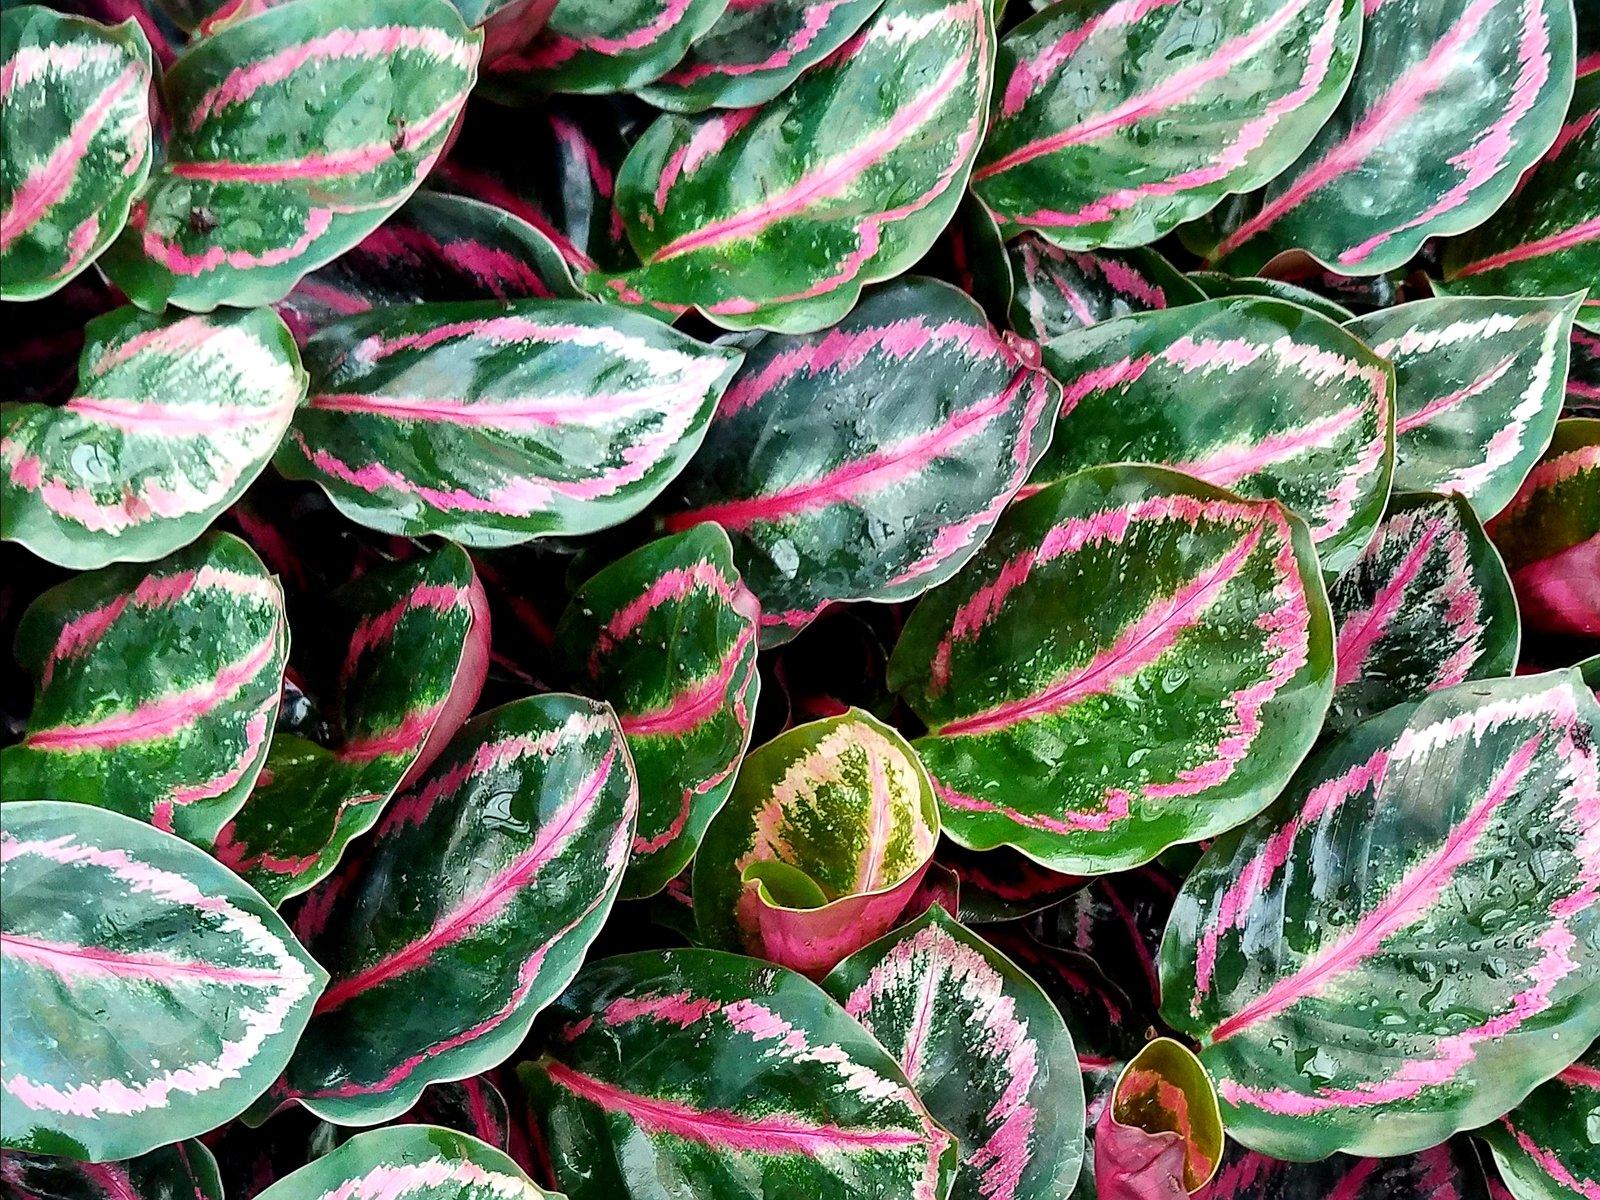 Calathea roseopicta 'Illustrus'